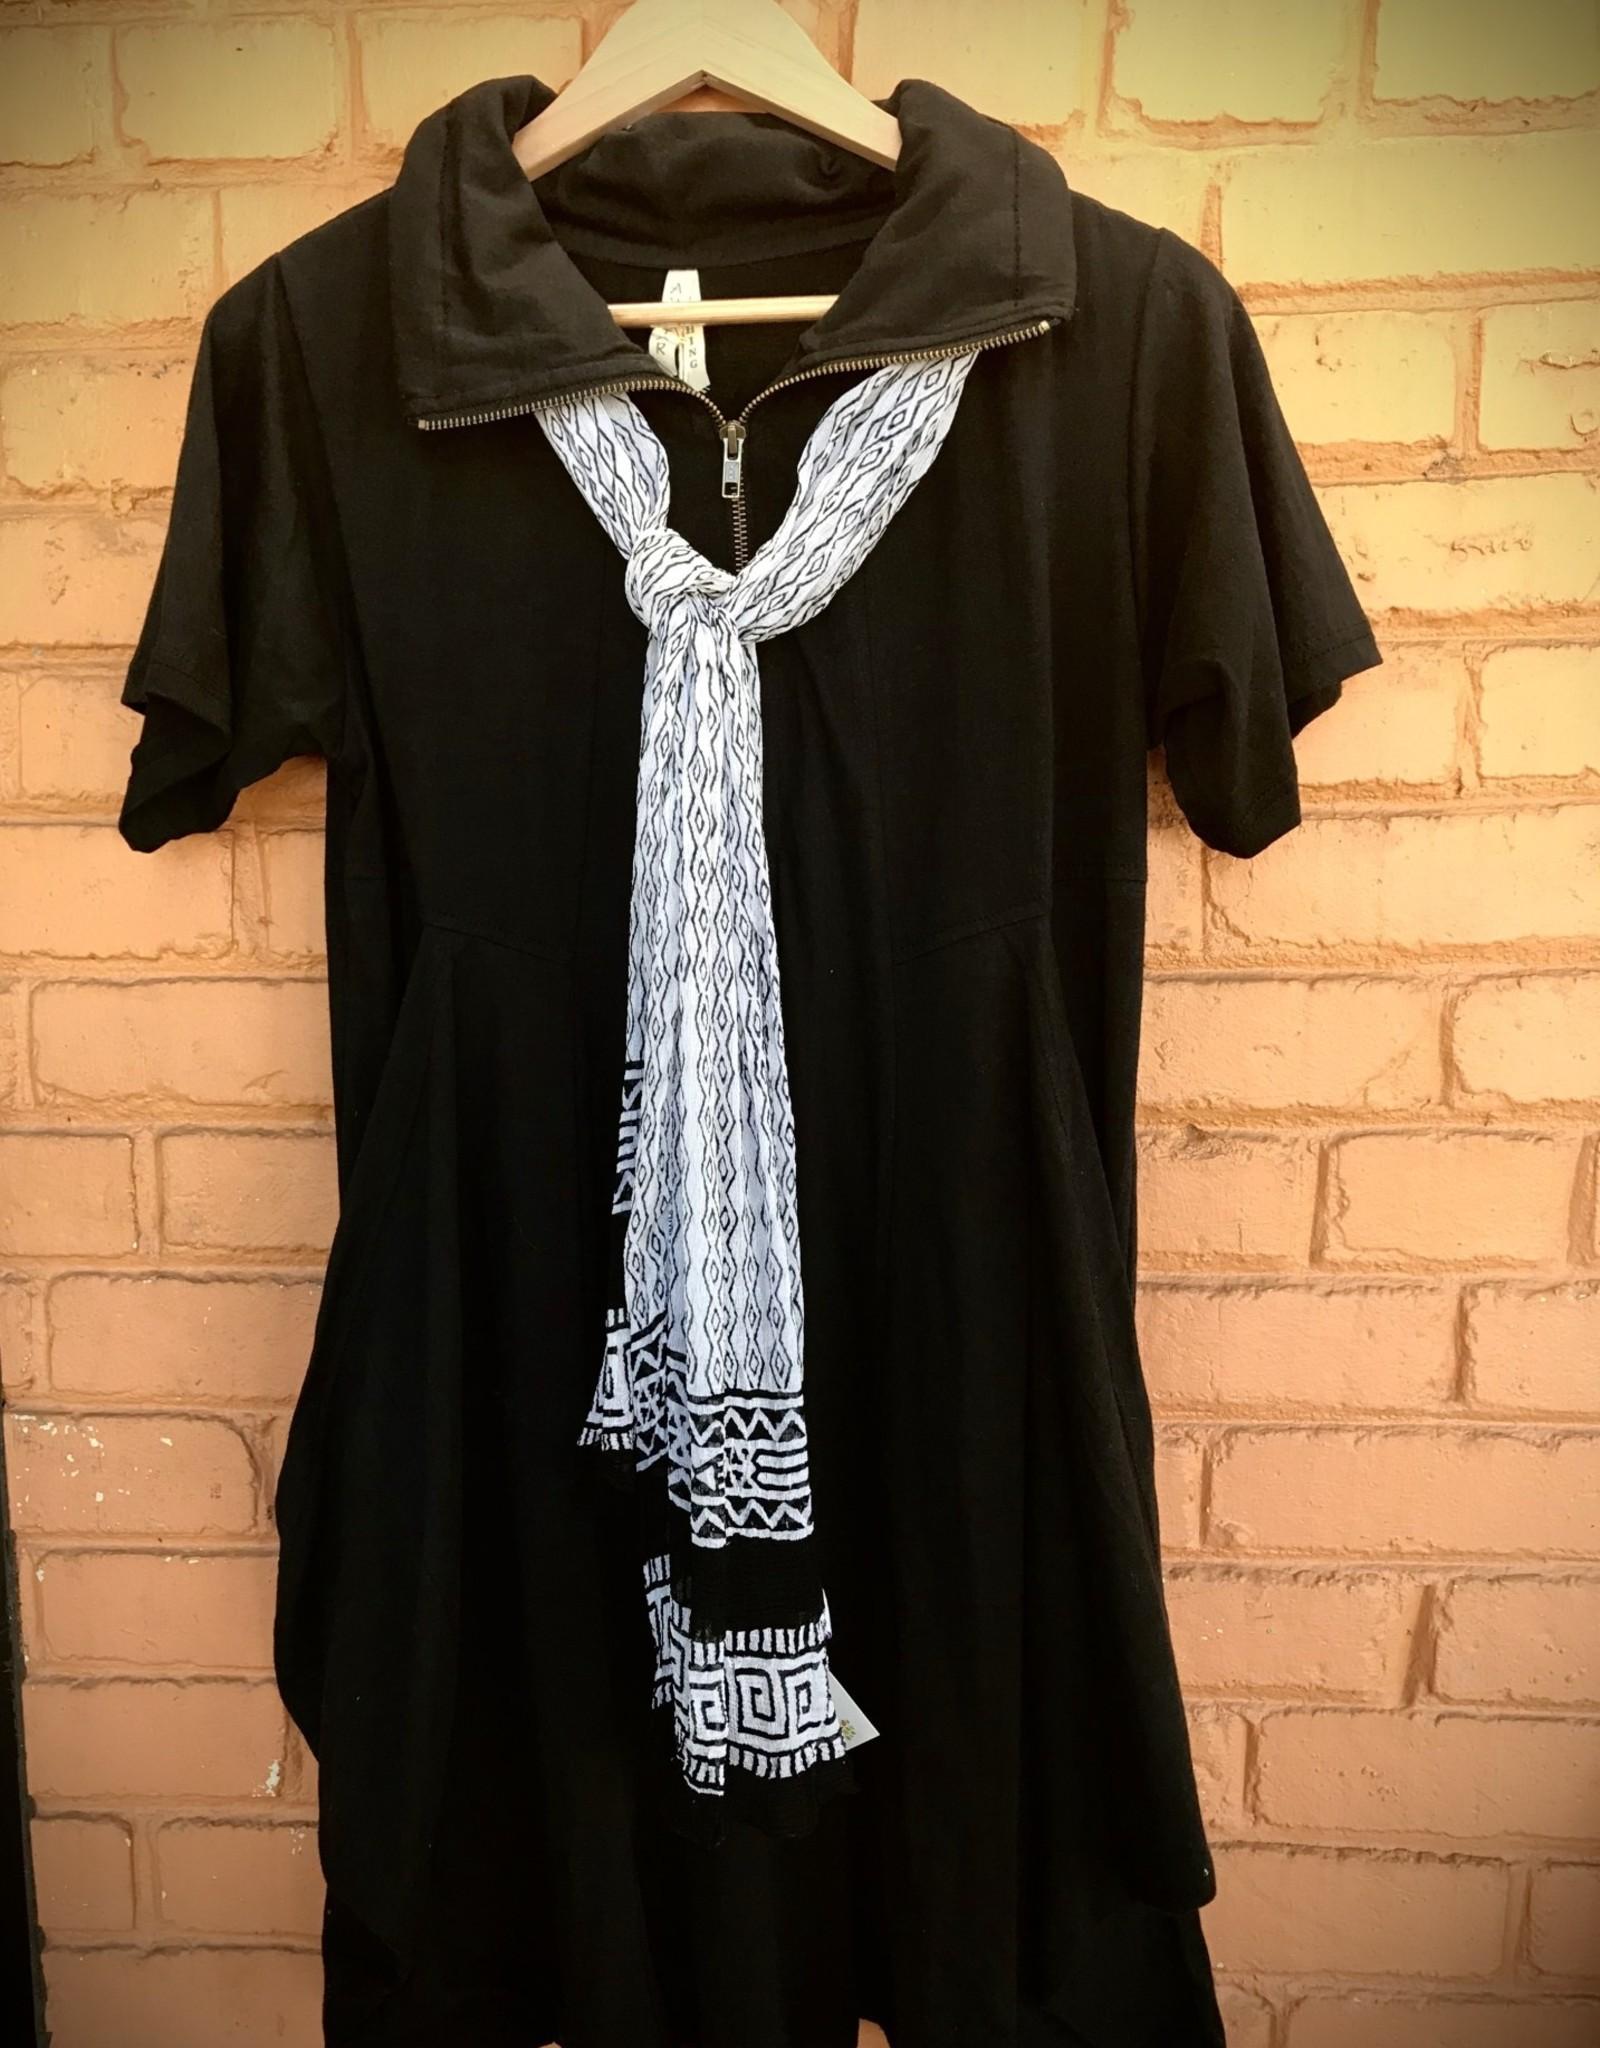 Cotton Pockets of Joy Dress, Nepal